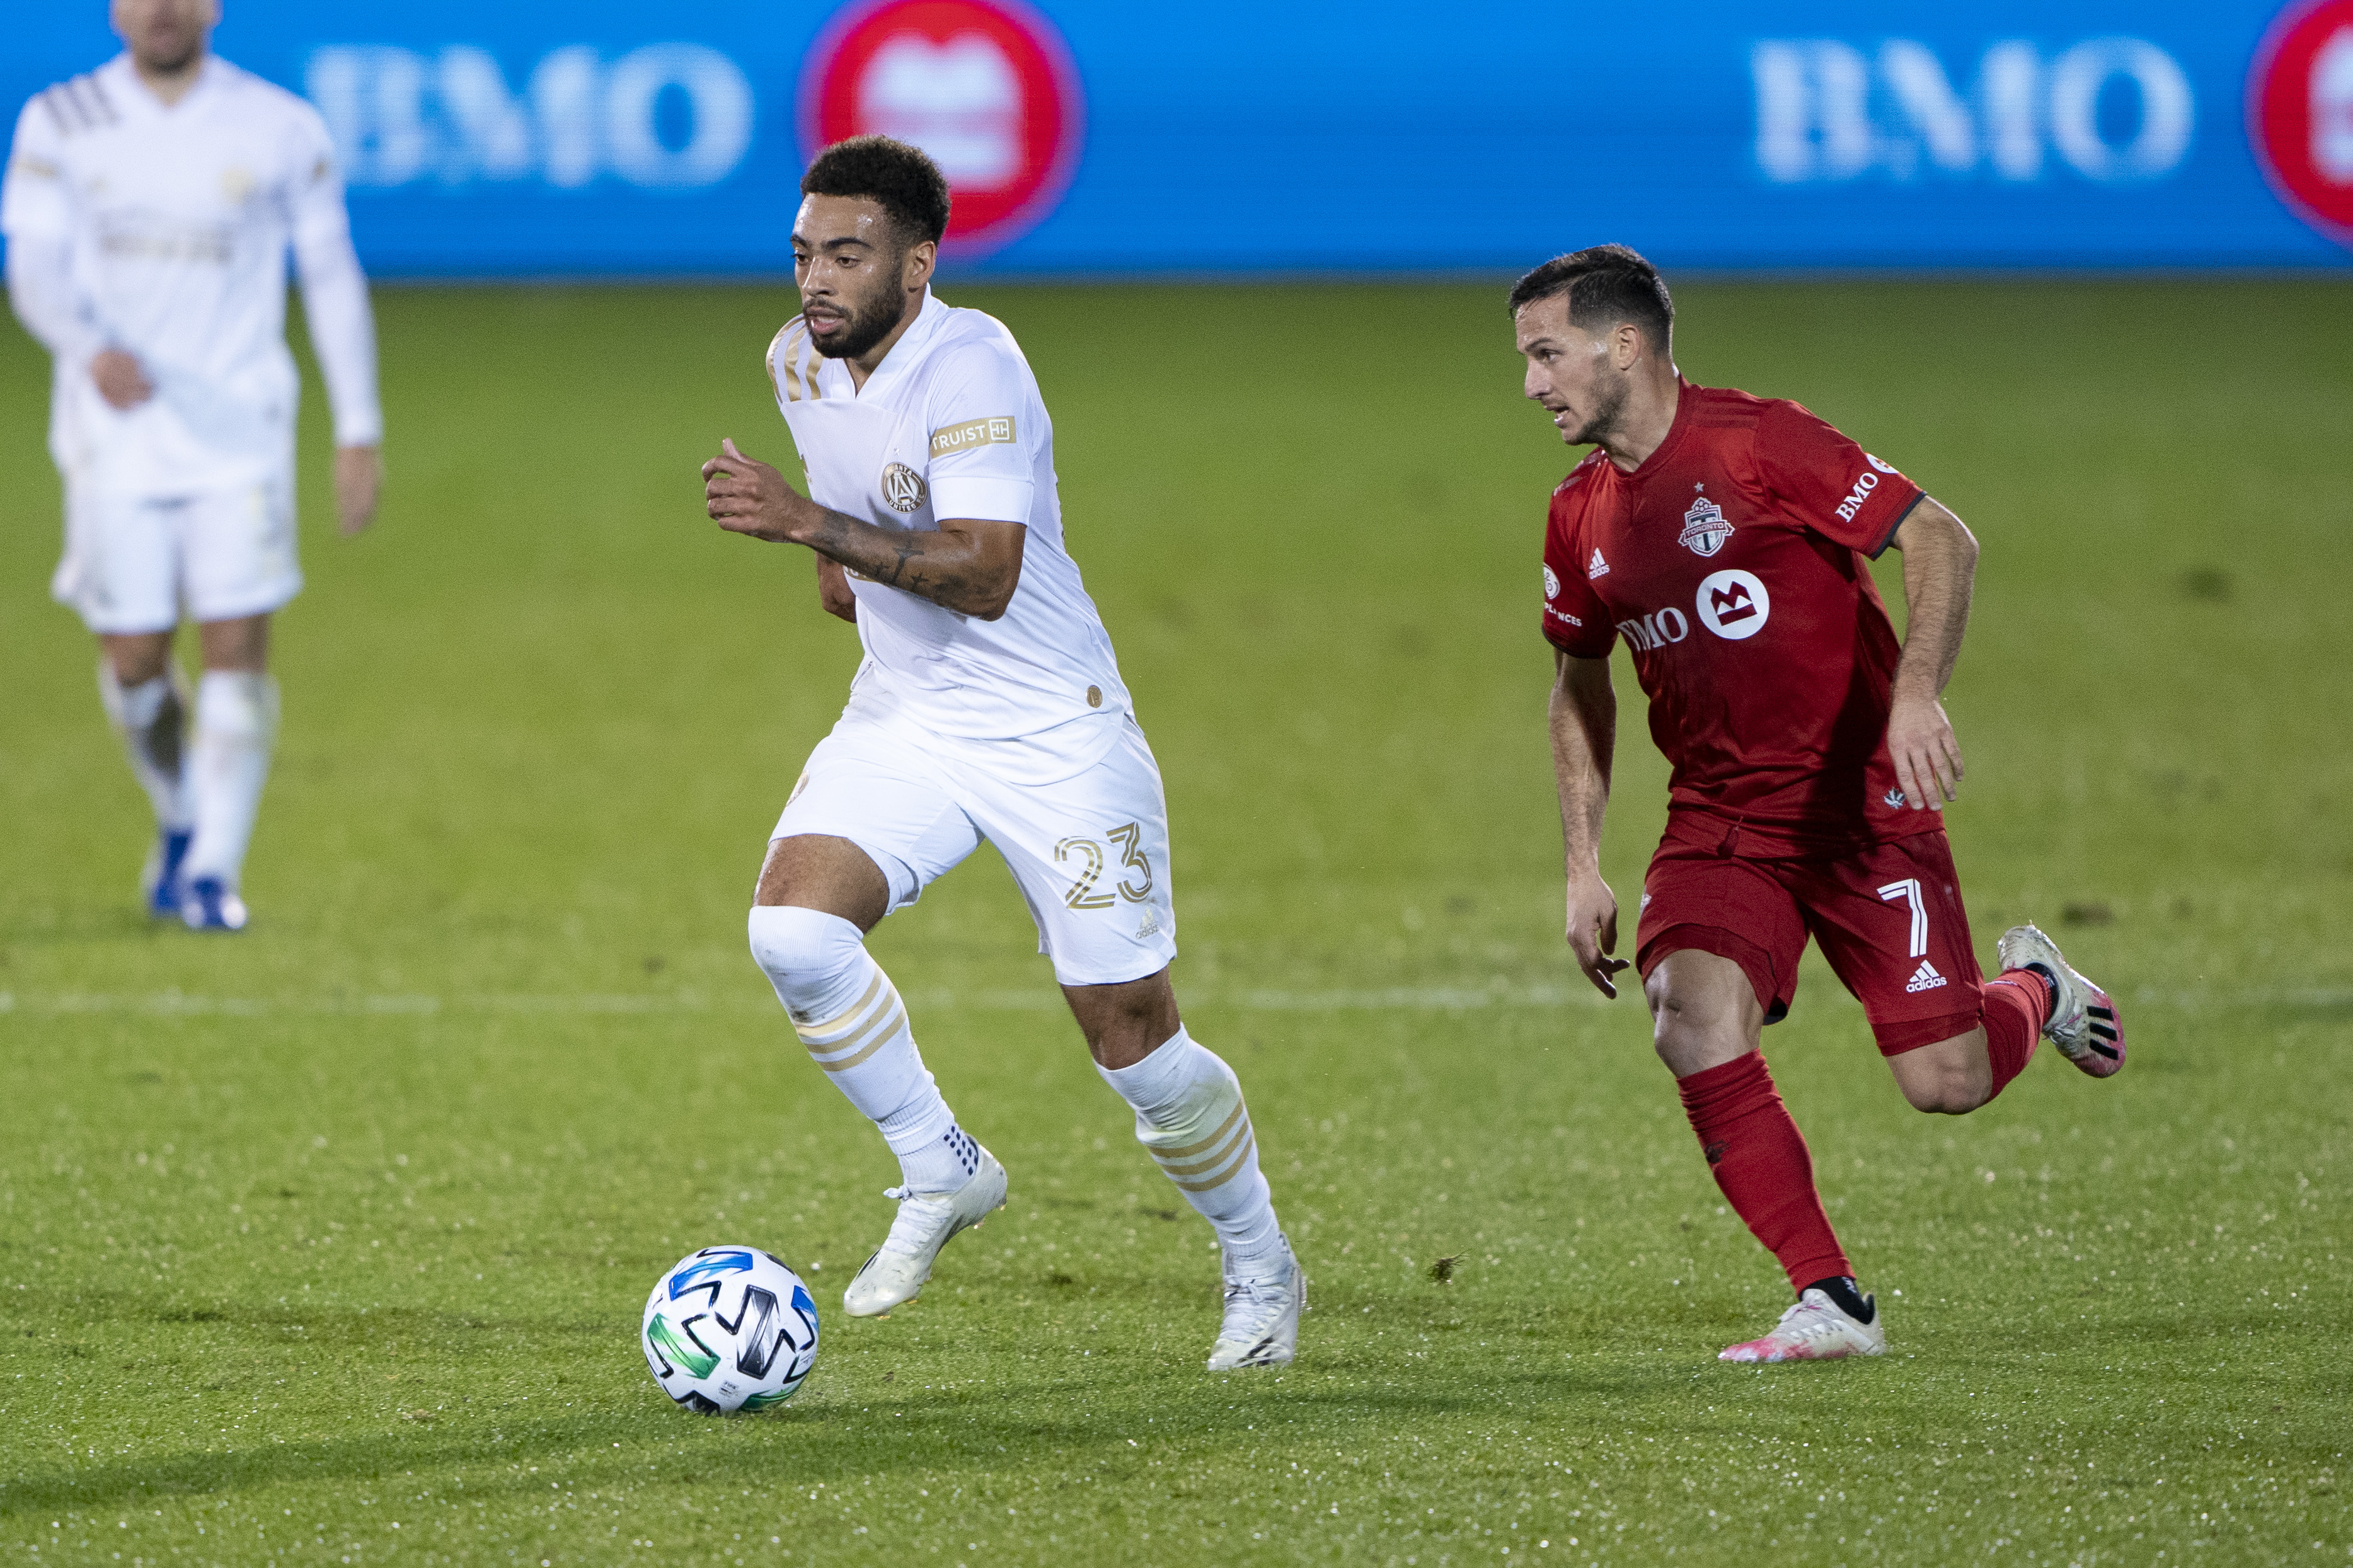 SOCCER: OCT 18 MLS - Atlanta United FC at Toronto FC